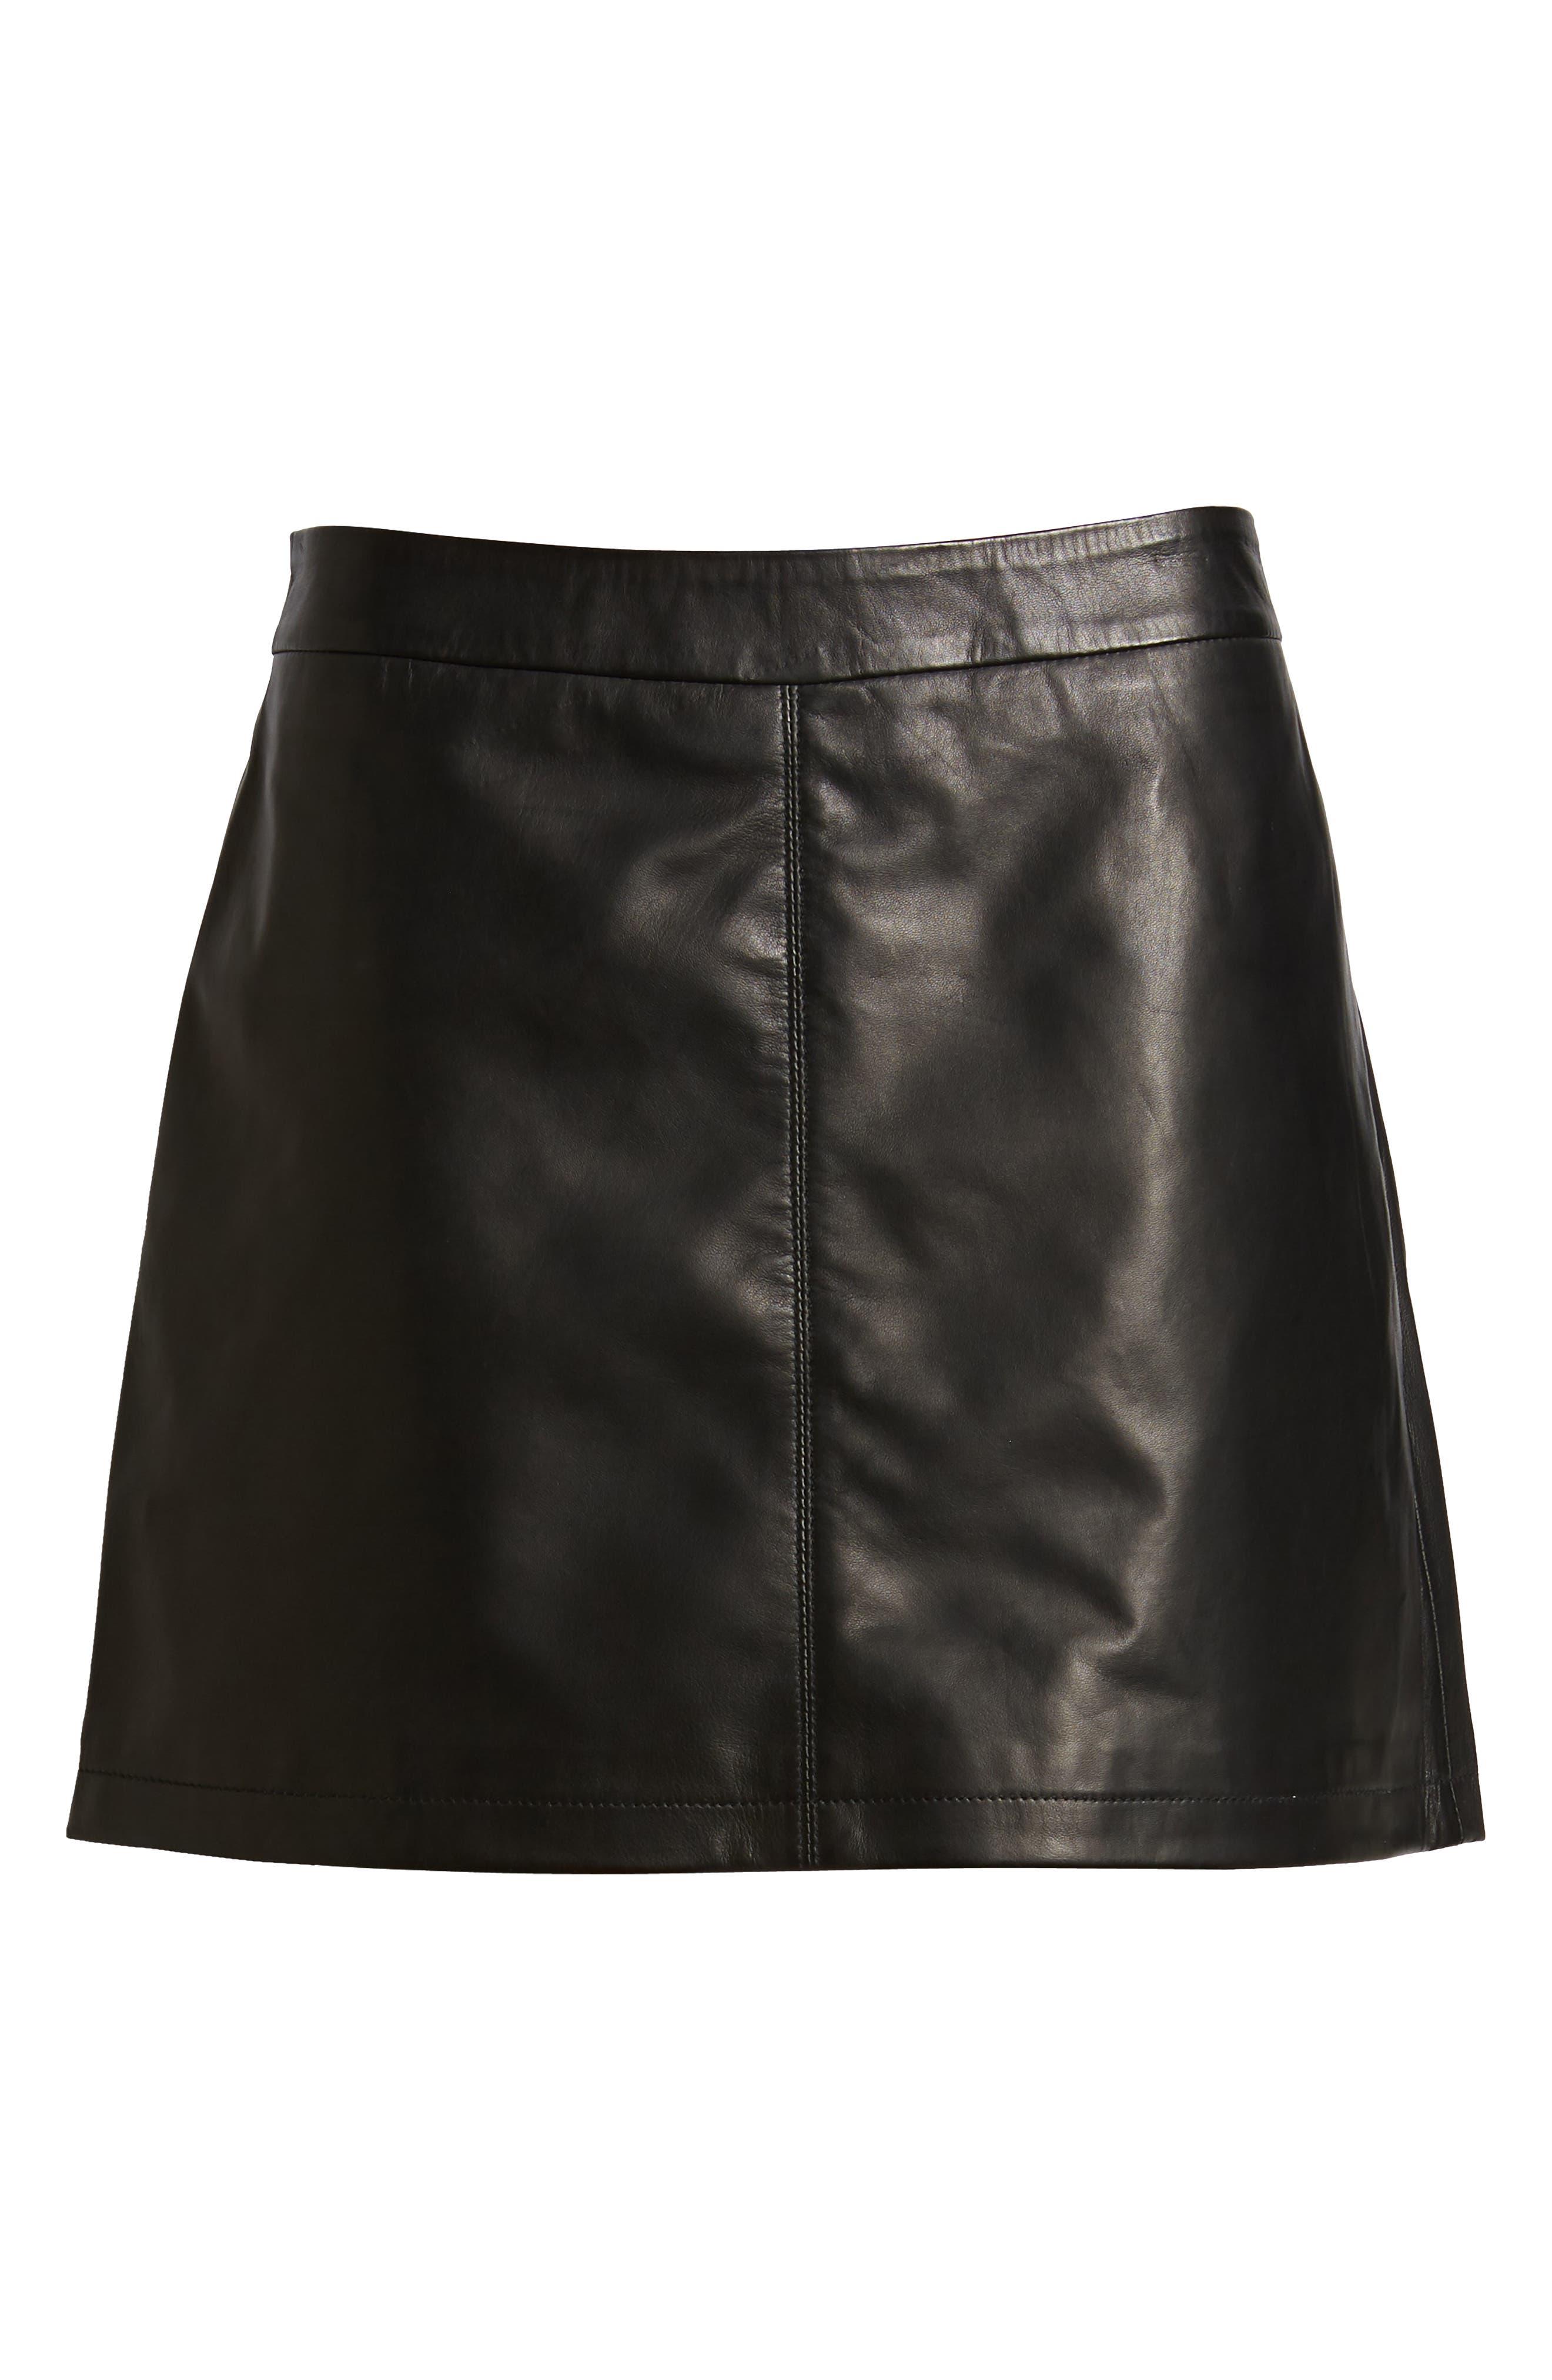 Marrie Leather Miniskirt,                             Alternate thumbnail 6, color,                             BLACK